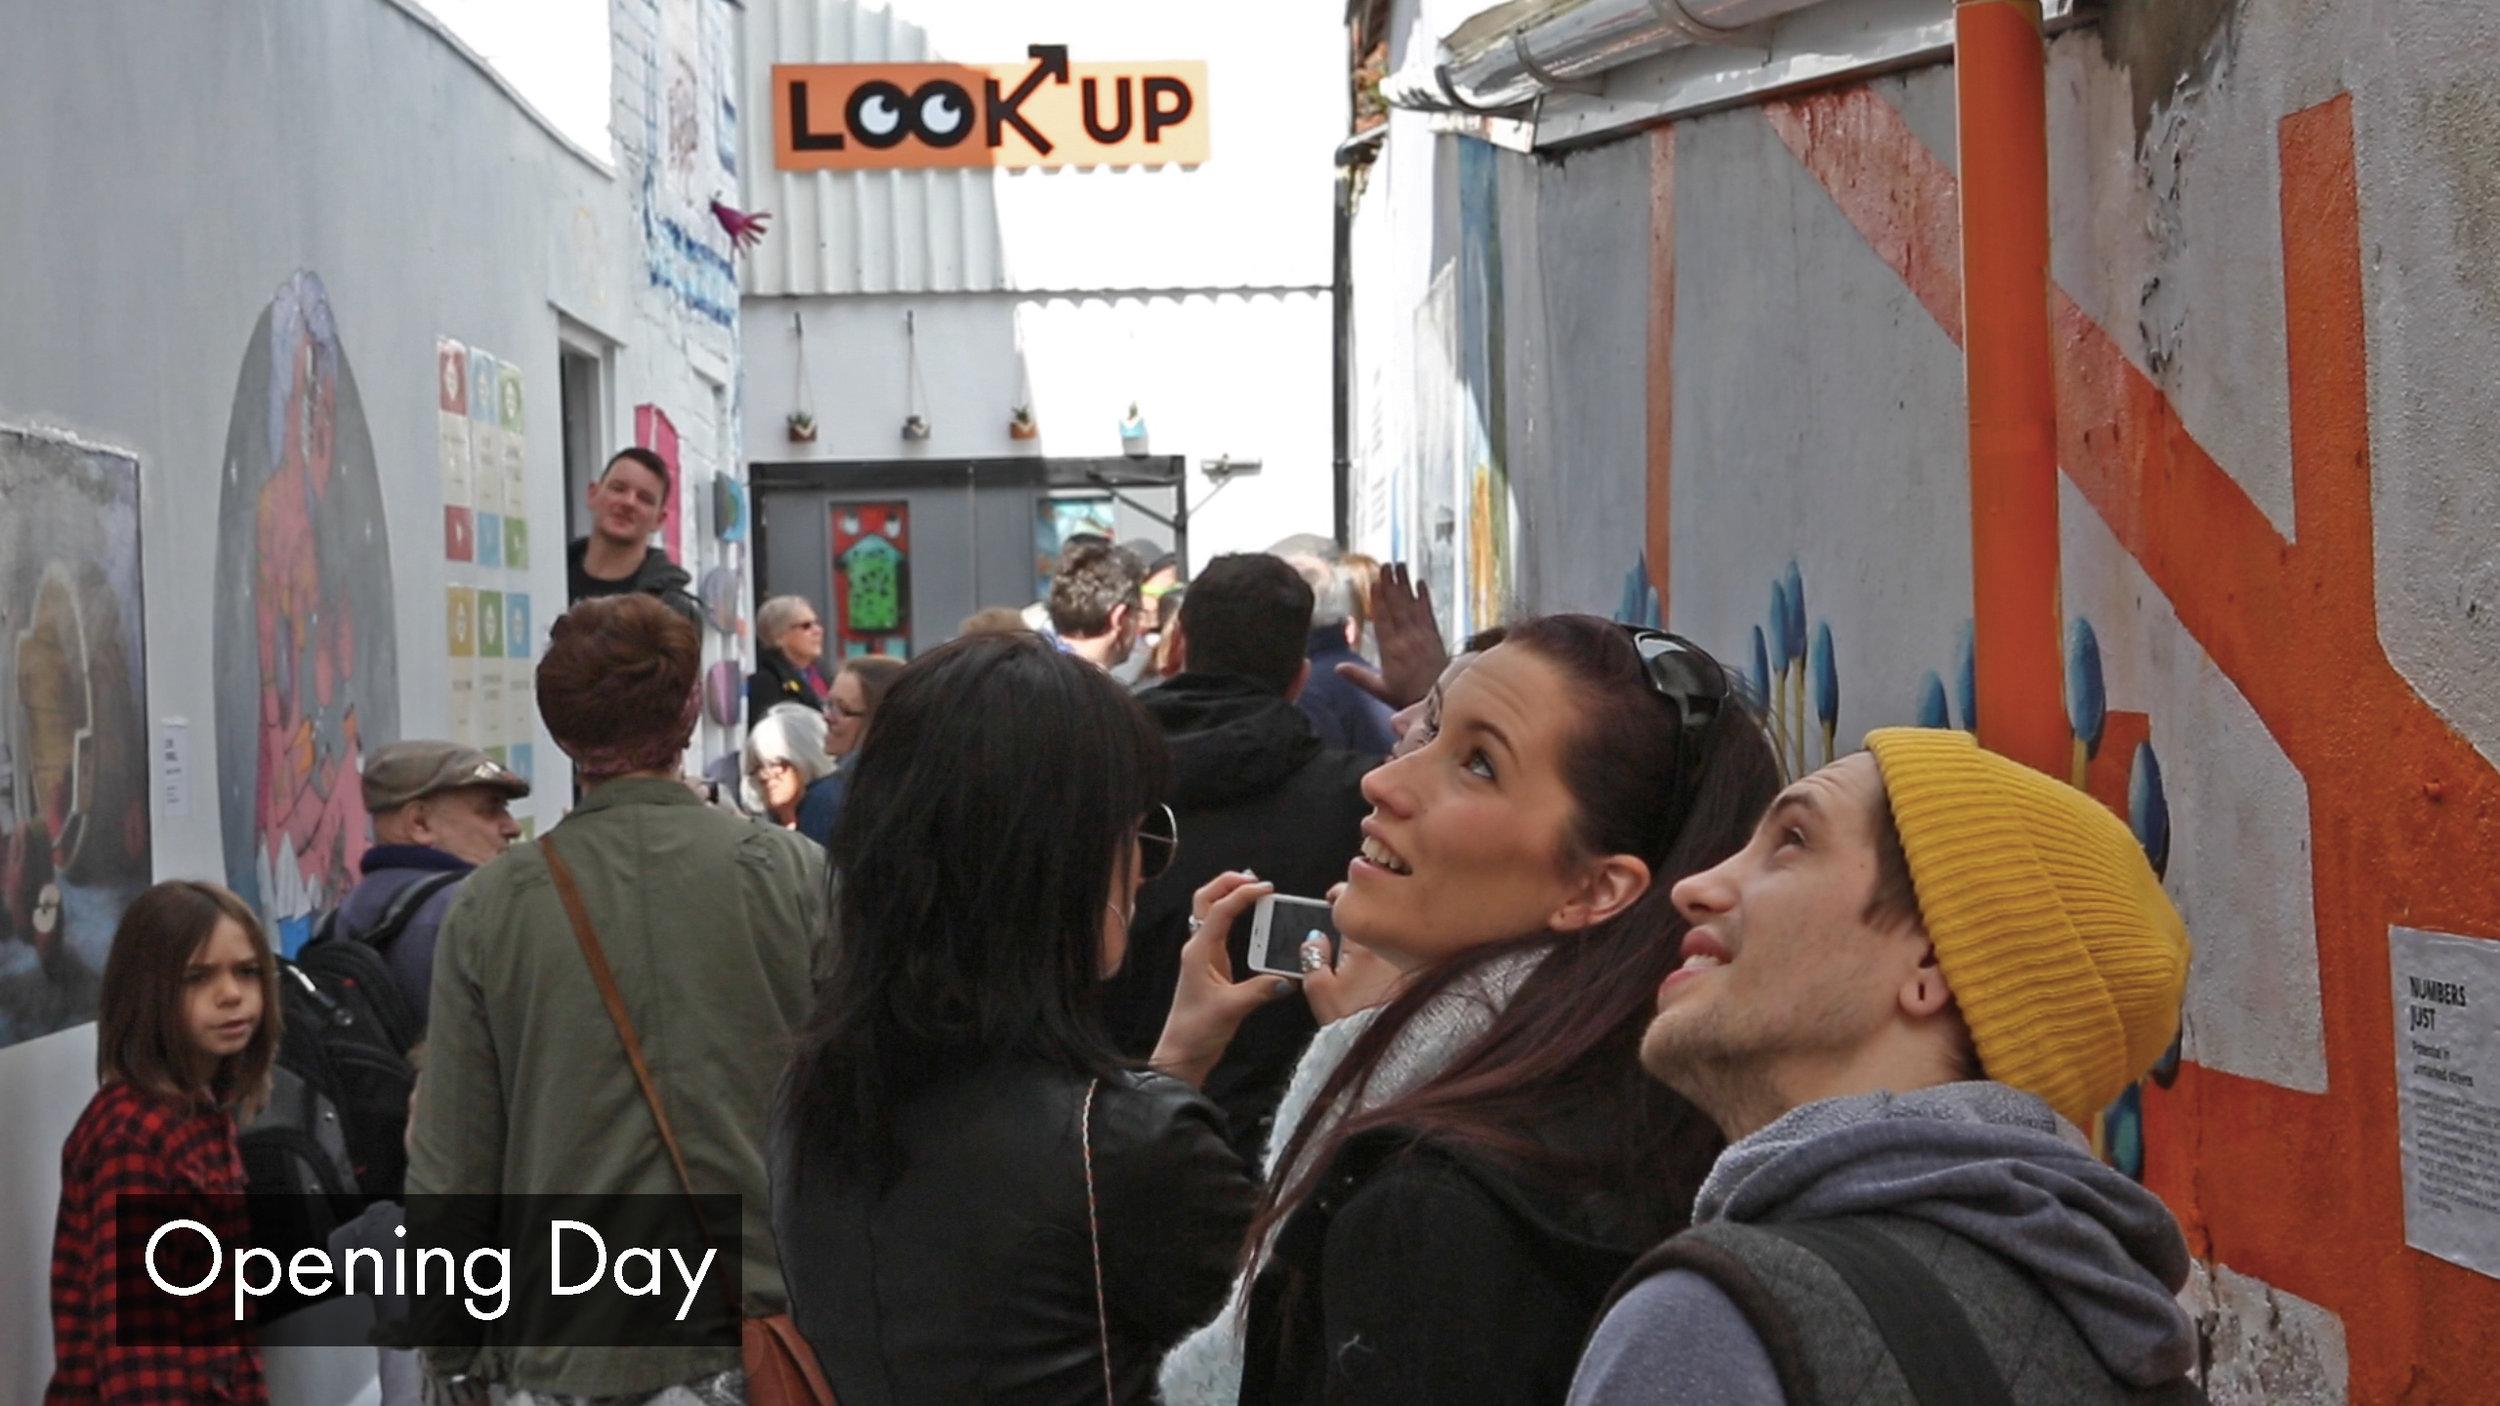 openingday_lookup.jpg